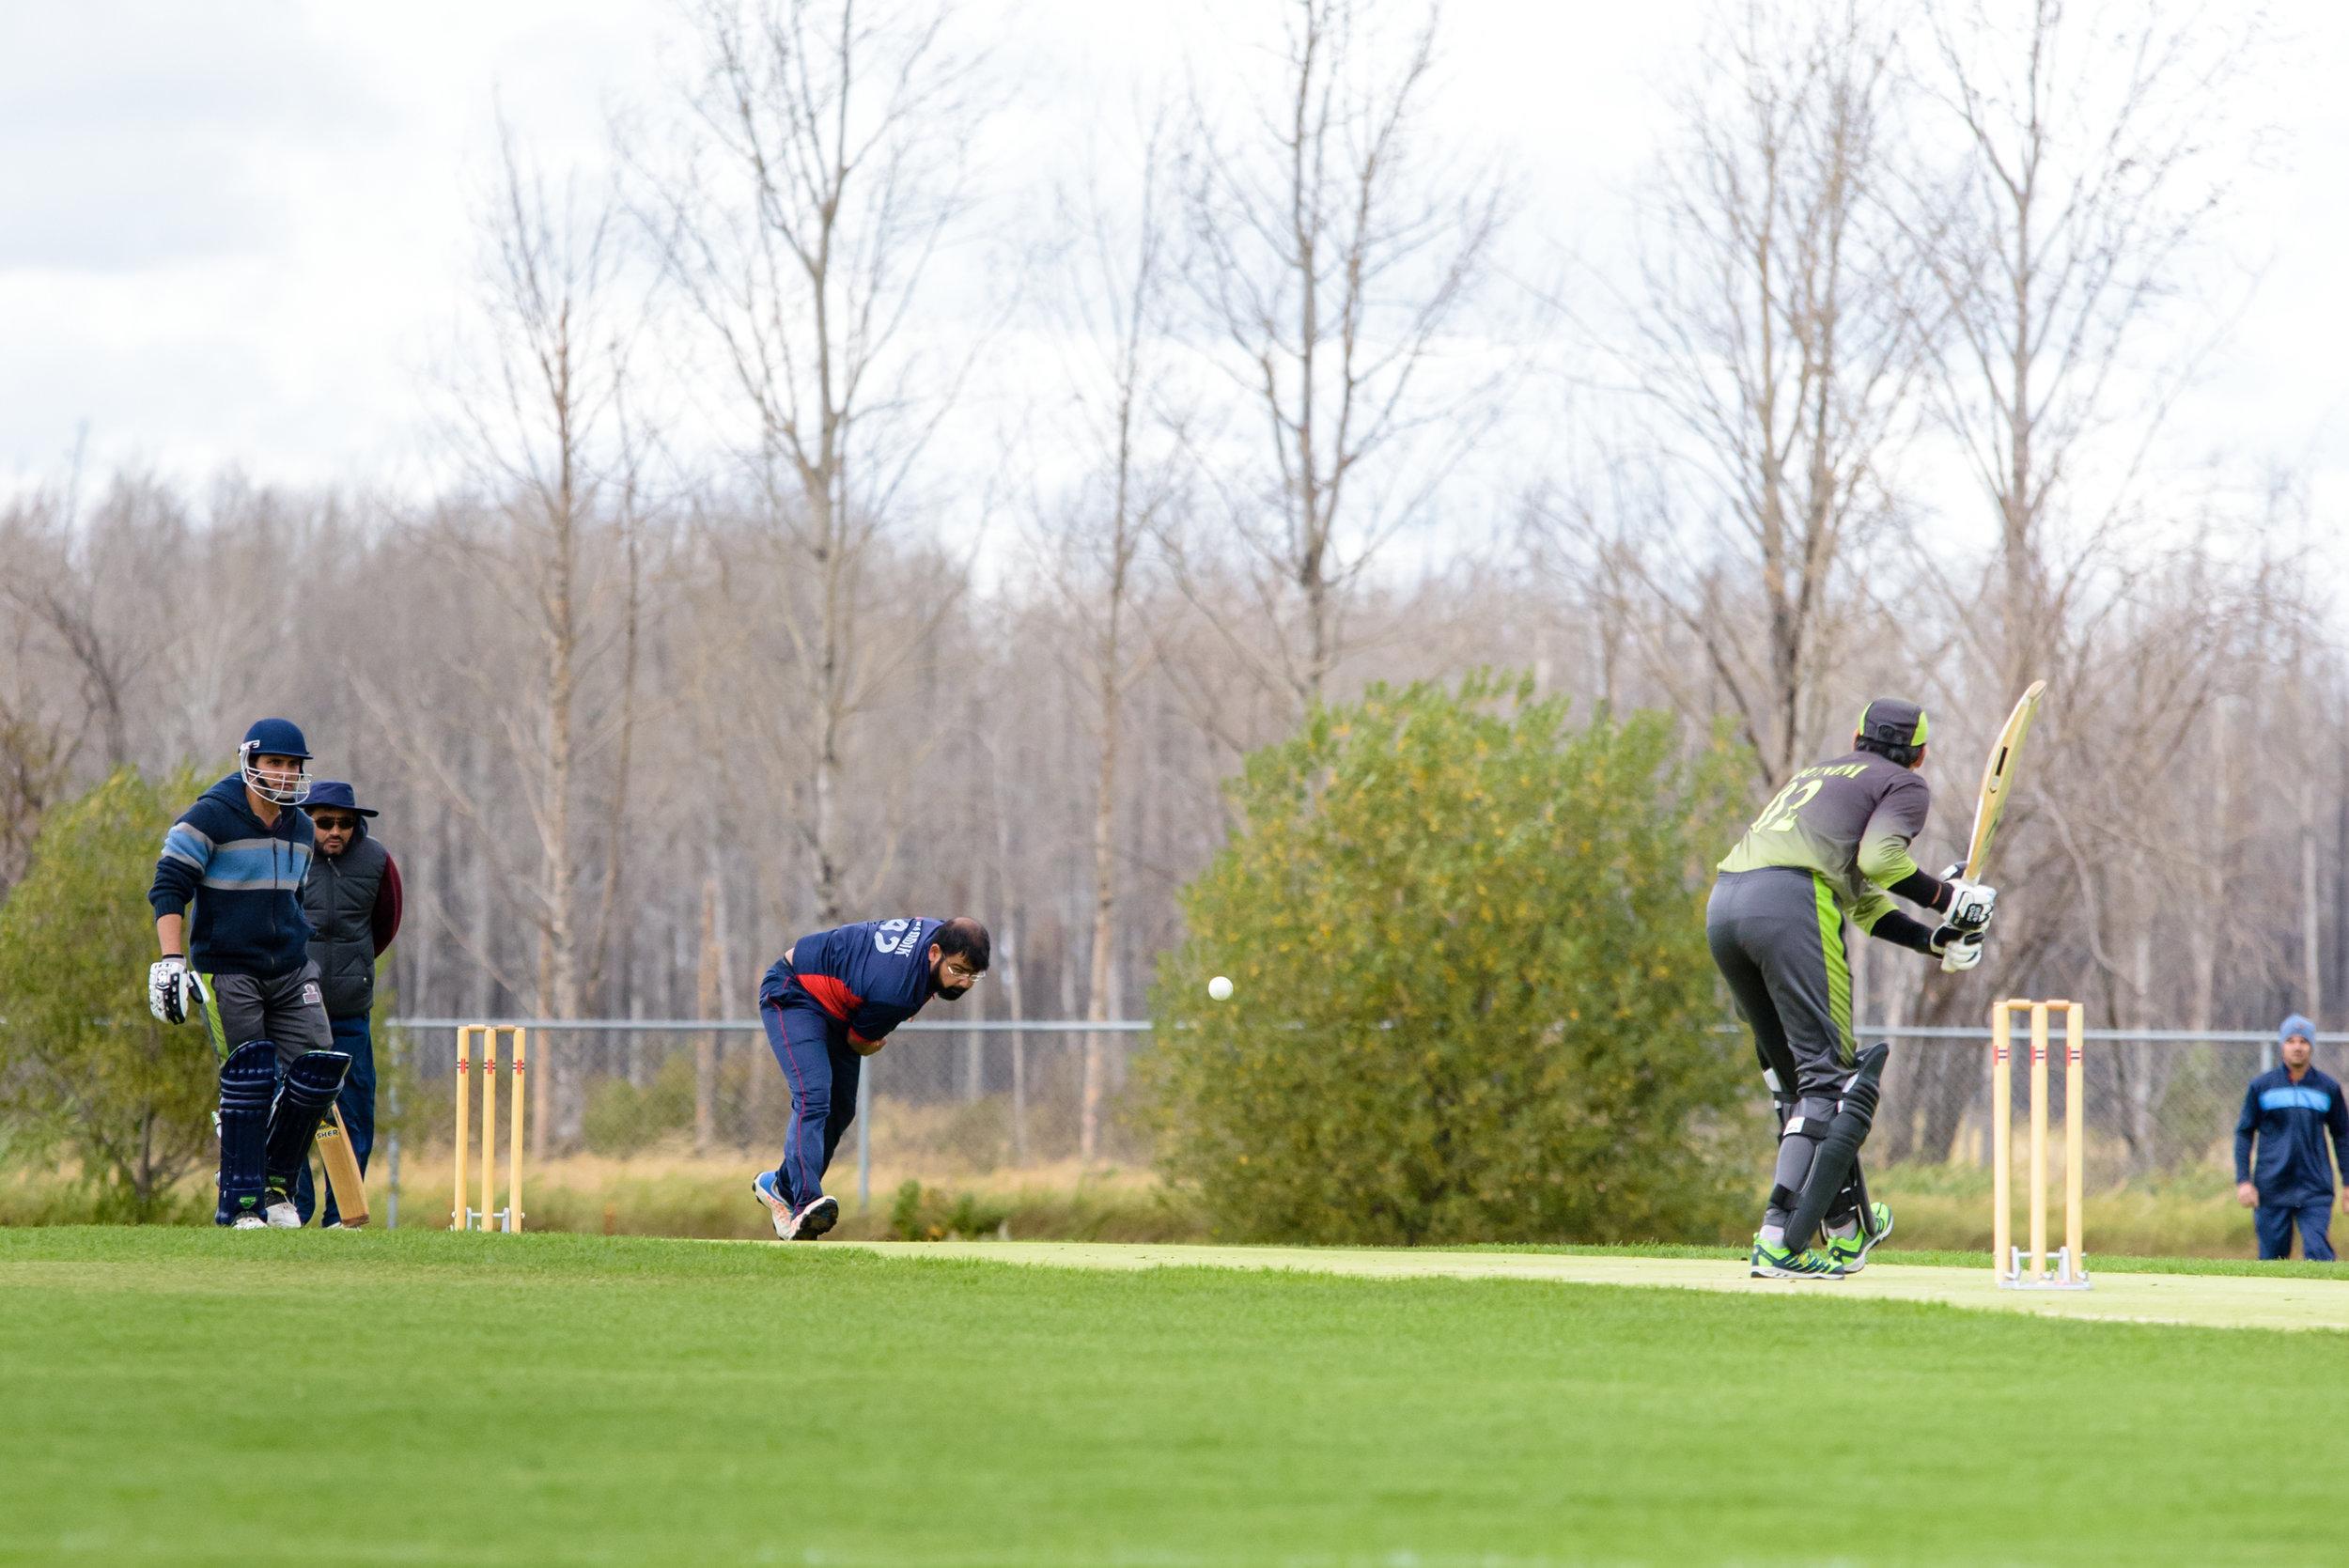 Cricket-0883.jpg